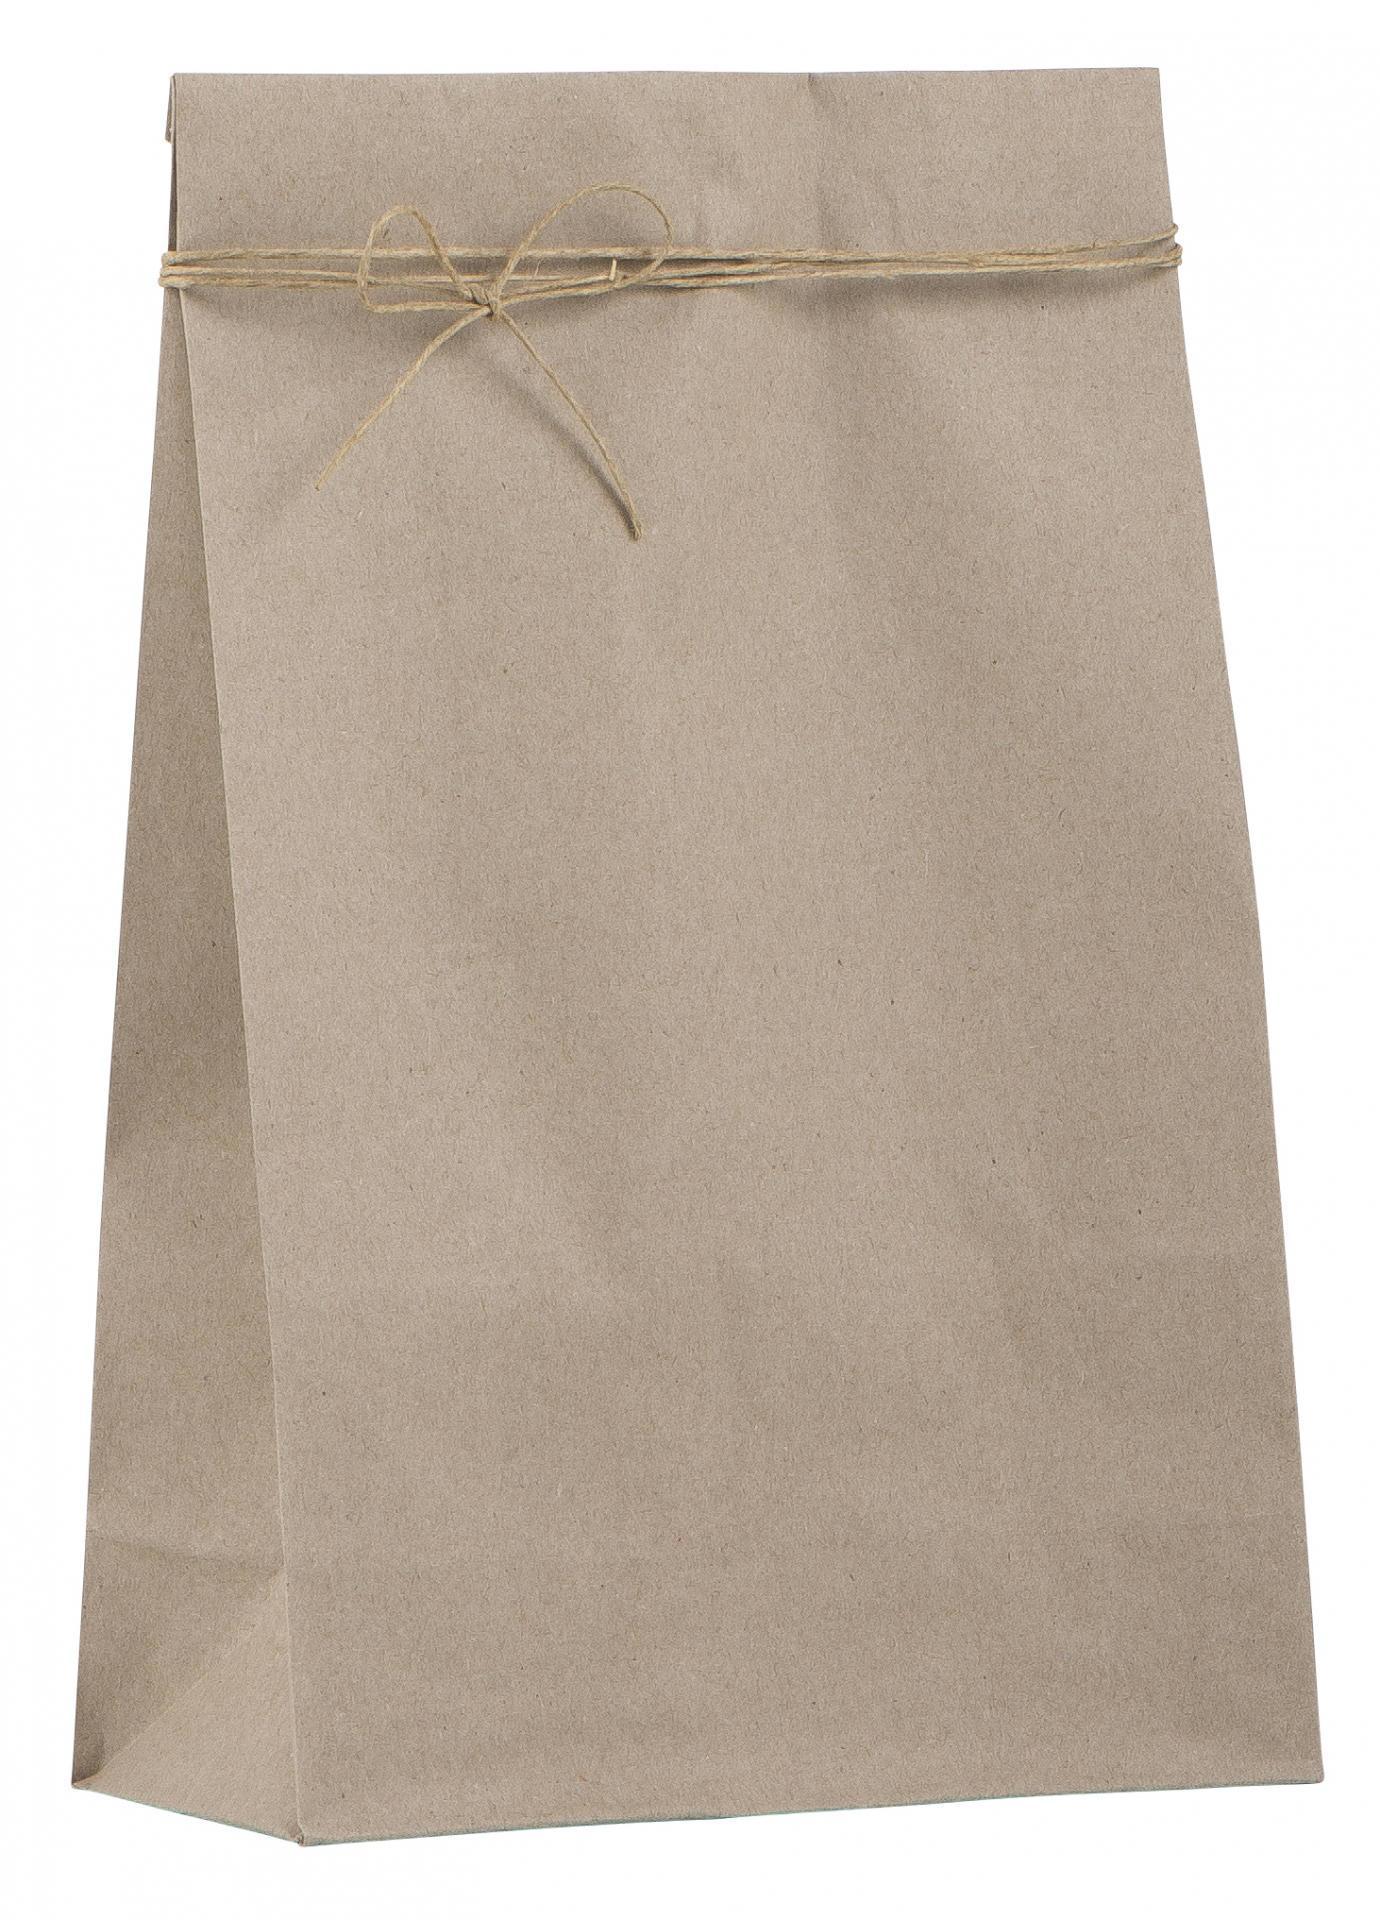 IB LAURSEN Papírový sáček Kraft - větší, béžová barva, papír